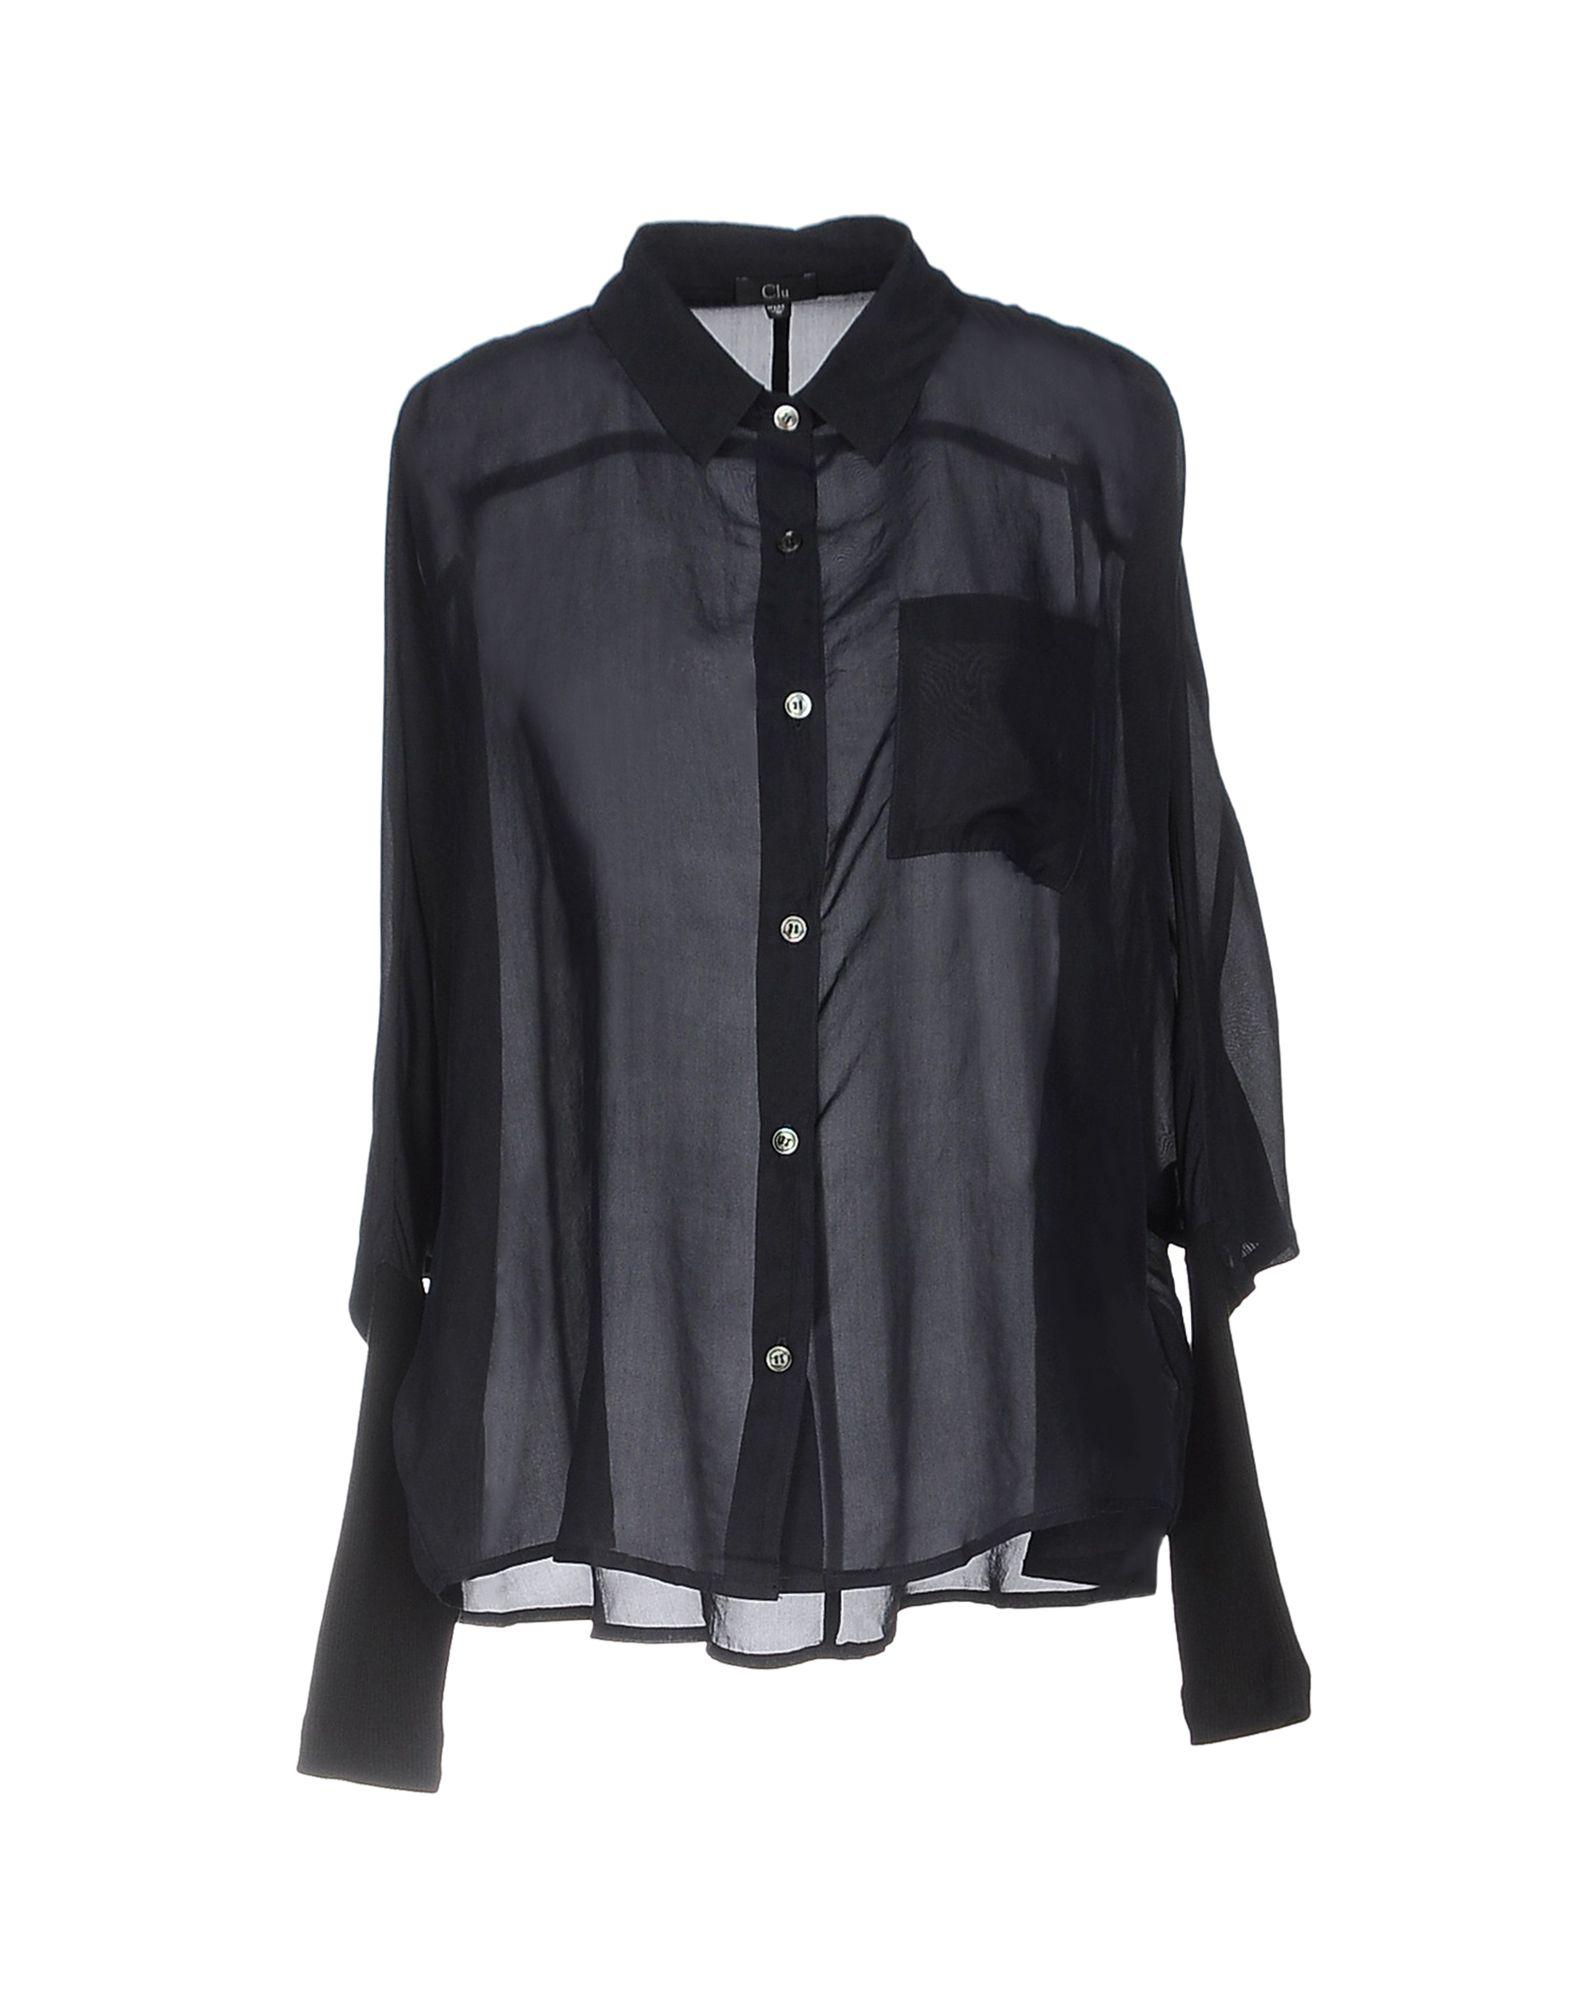 CLU Pубашка y clu блуза для девочки yb8308 разноцветный y clu